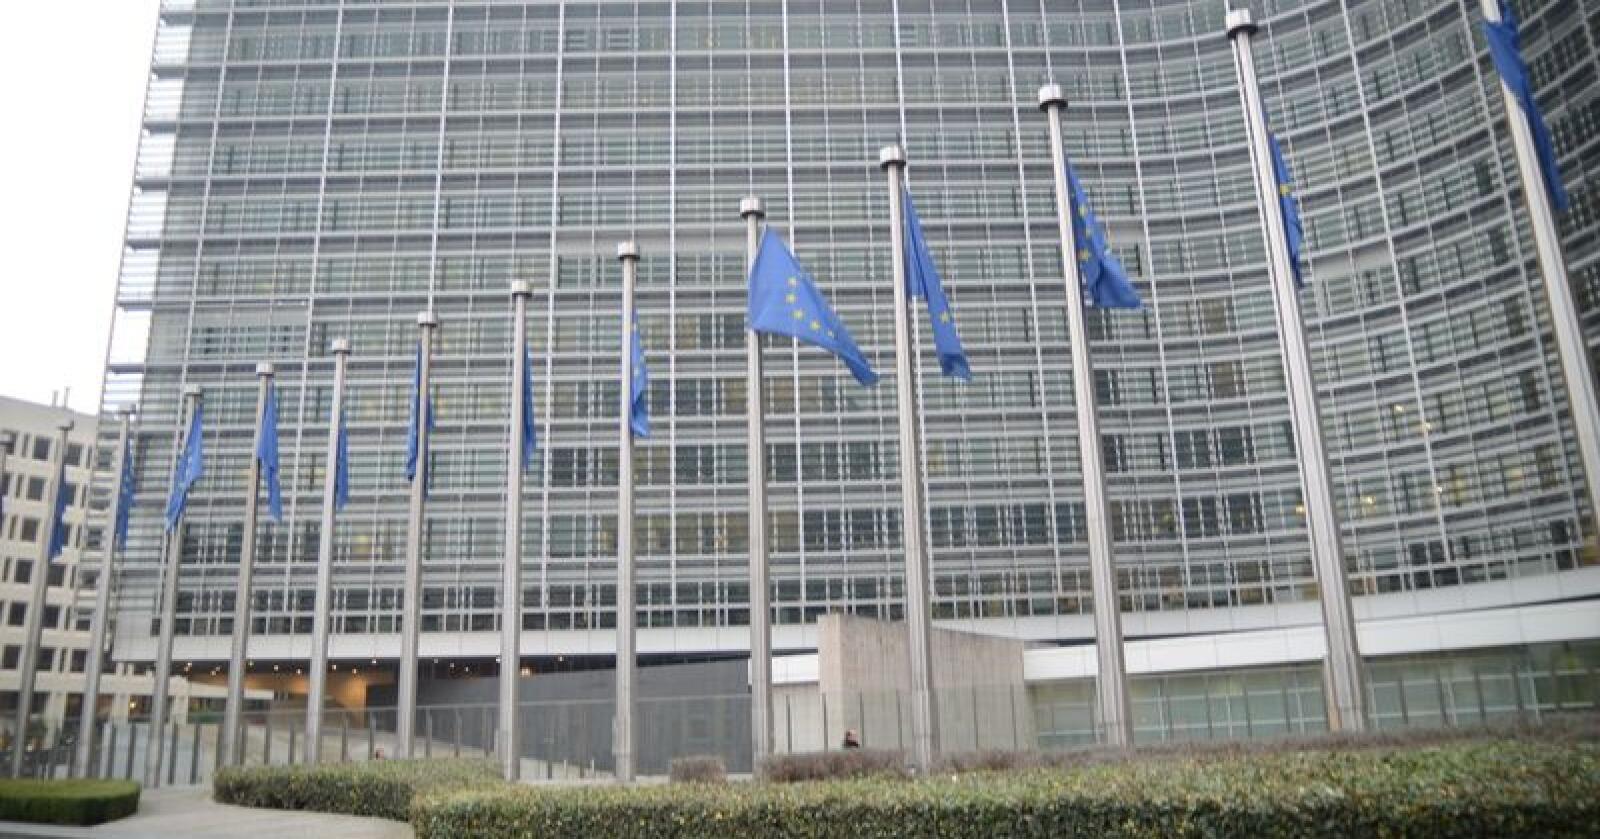 EU: – Regjeringen har ikke til hensikt å kreve reforhandlinger av våre inngåtte avtaler med EU på bakgrunn av Storbritannias uttreden av EU, skriver utenriksminister Ine Eriksen Søreide. (Foto: Linda Sunde)